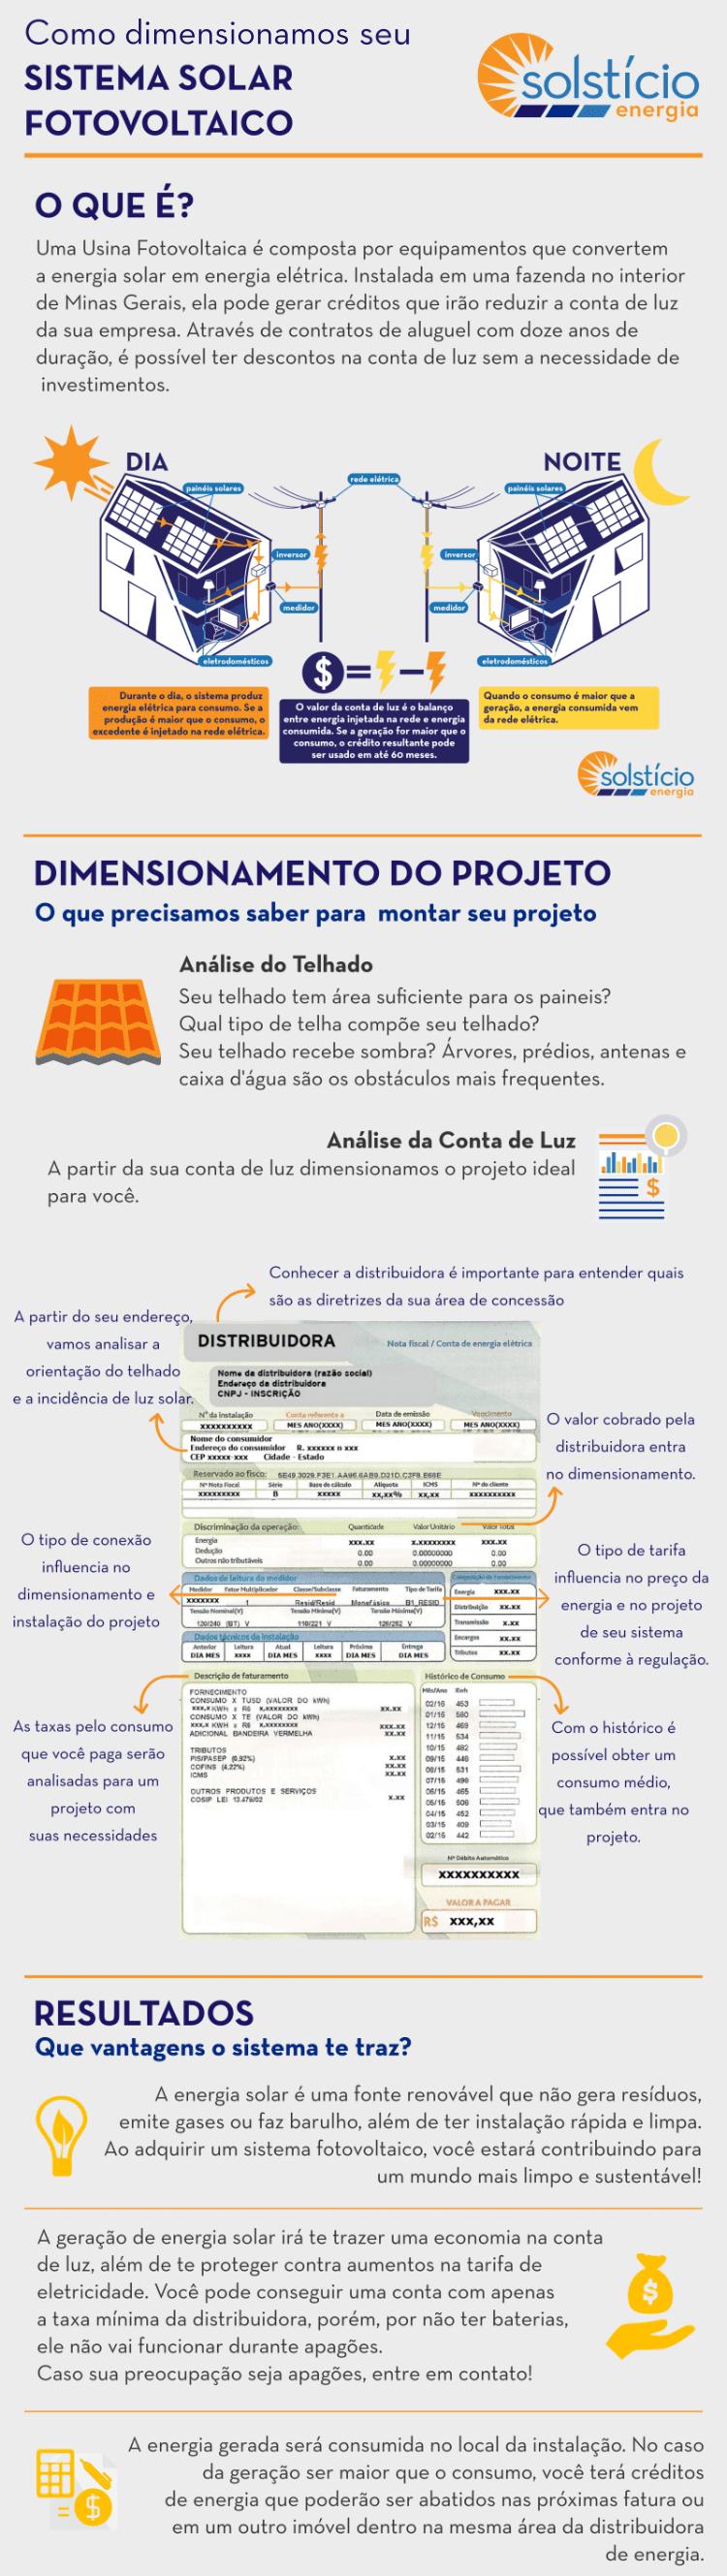 Longo infográfico com uma conta de luz e as especificações e dados importantes para a montar um proposta.